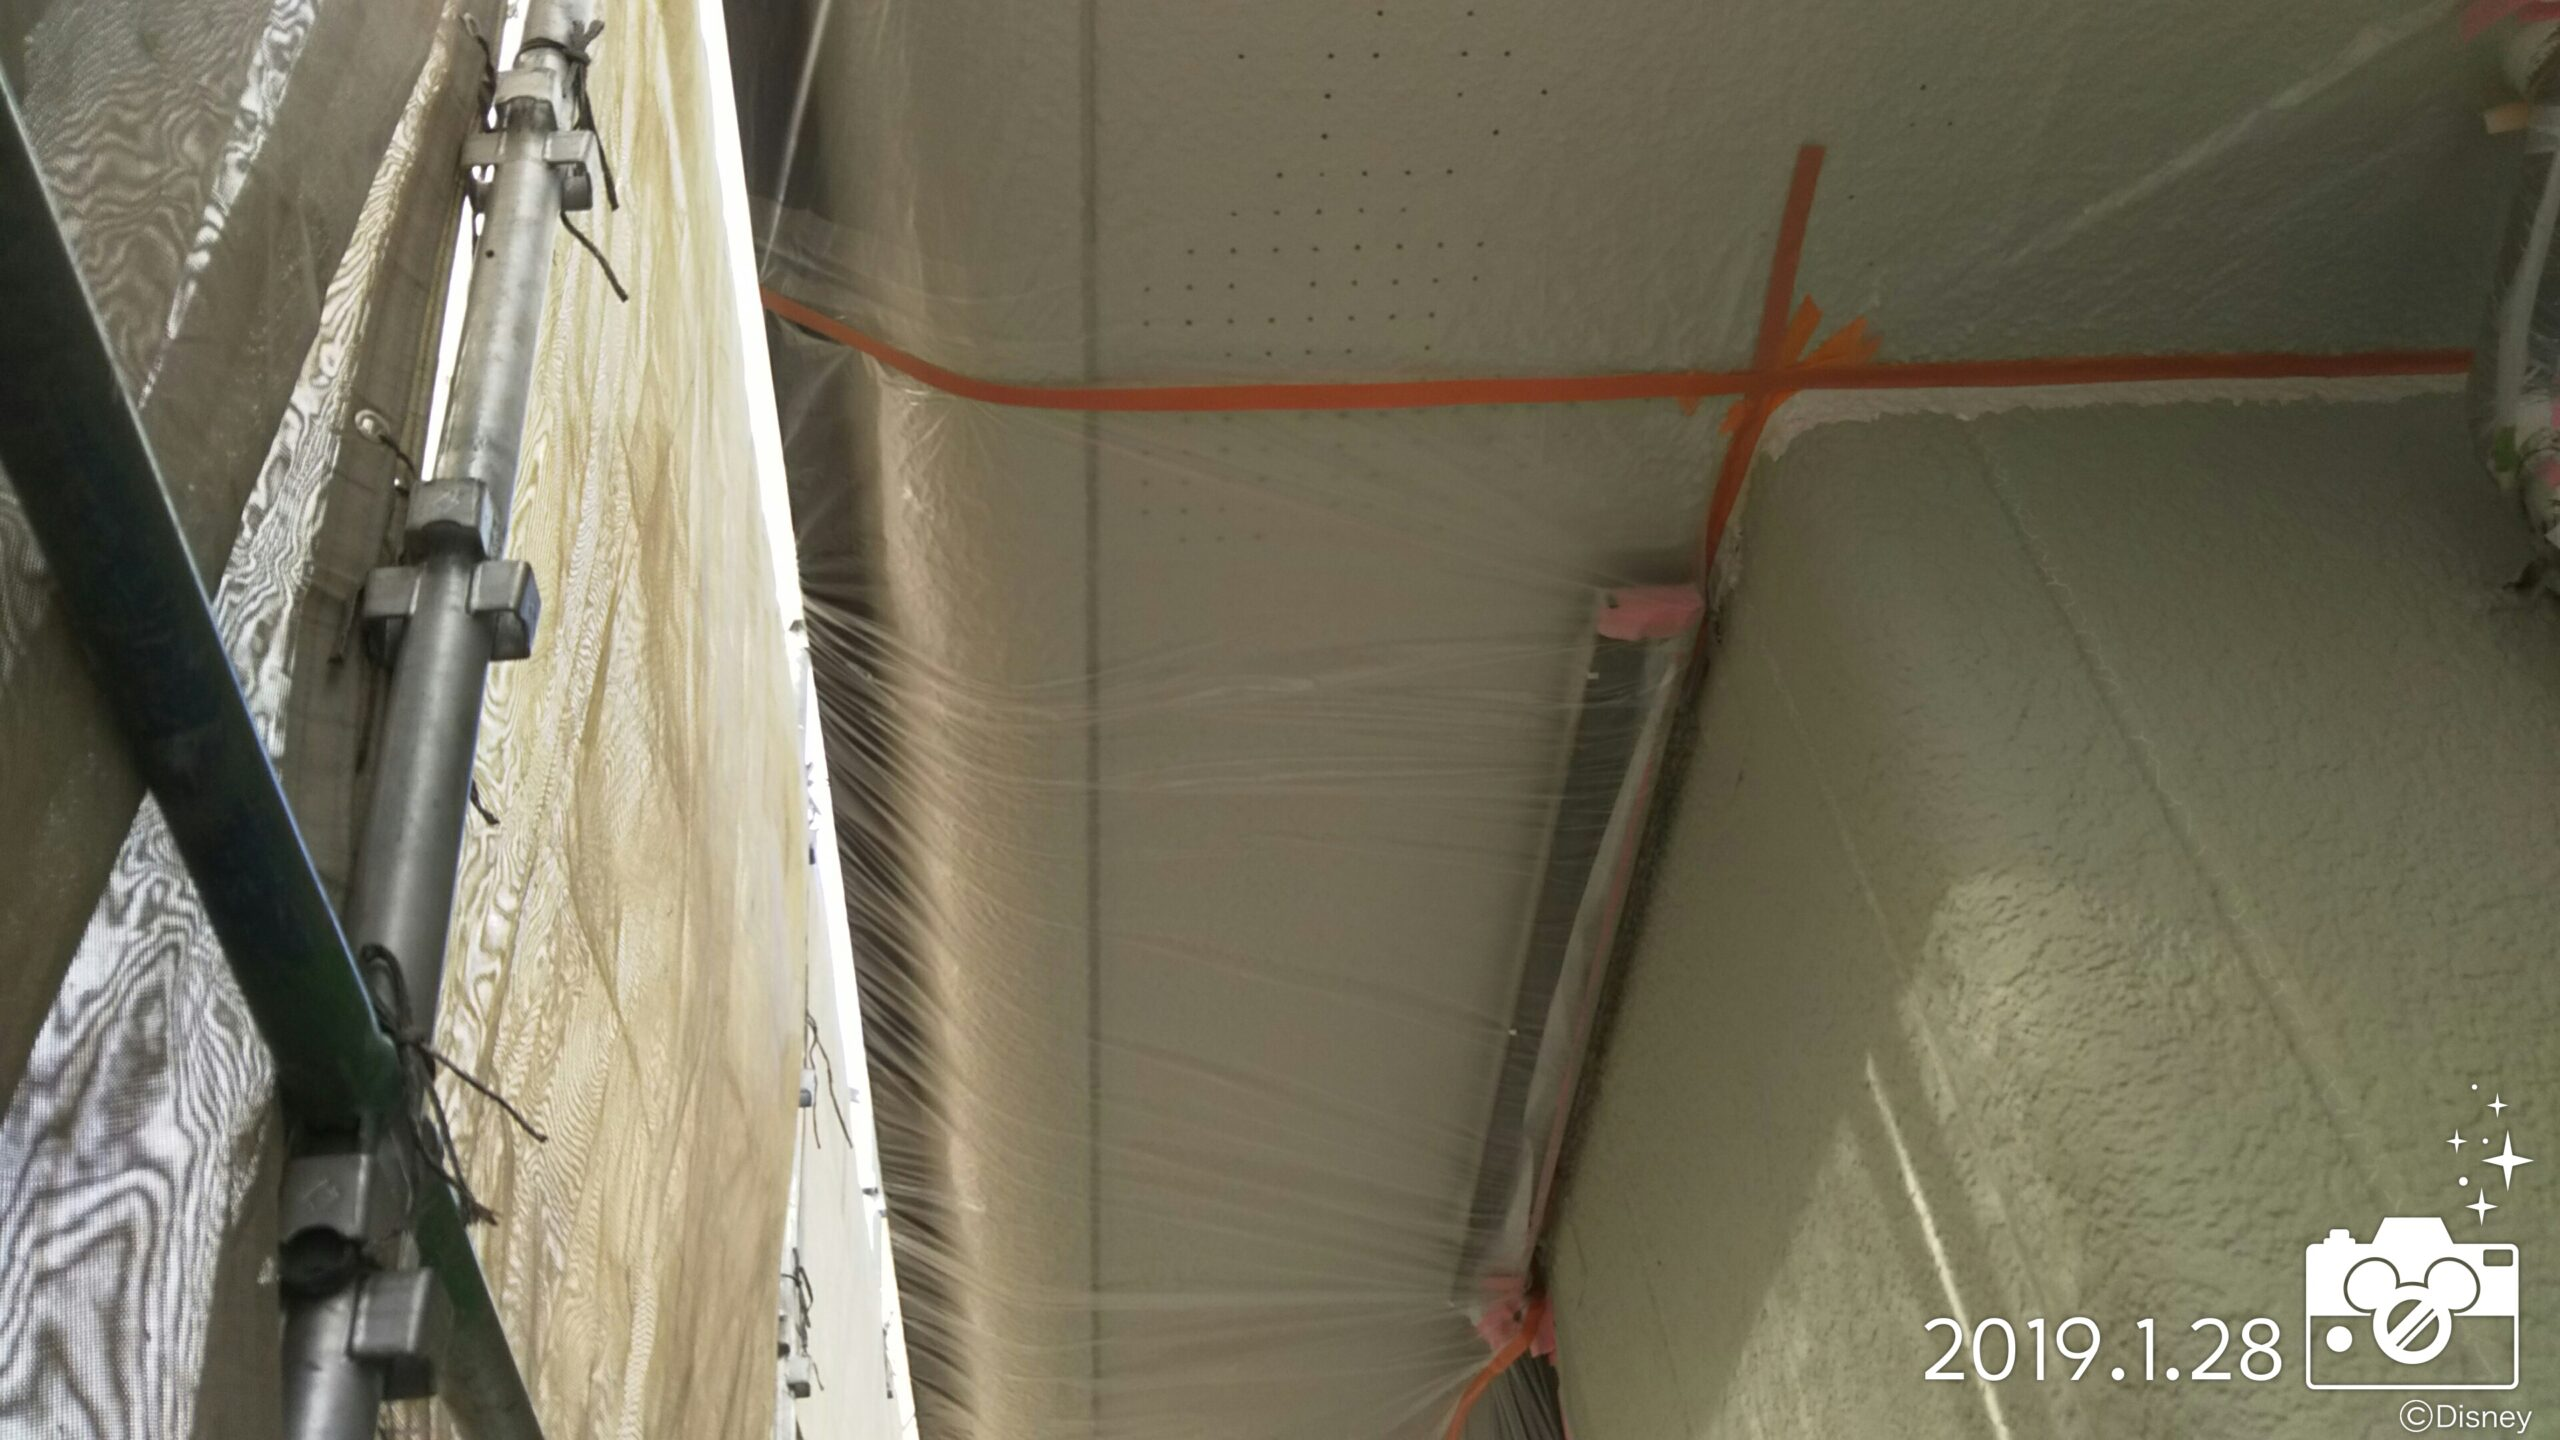 埼玉県さいたま市中央区 T様邸 吹き付け塗装前の養生作業|(木造2階建て)にて塗り替えリフォーム中